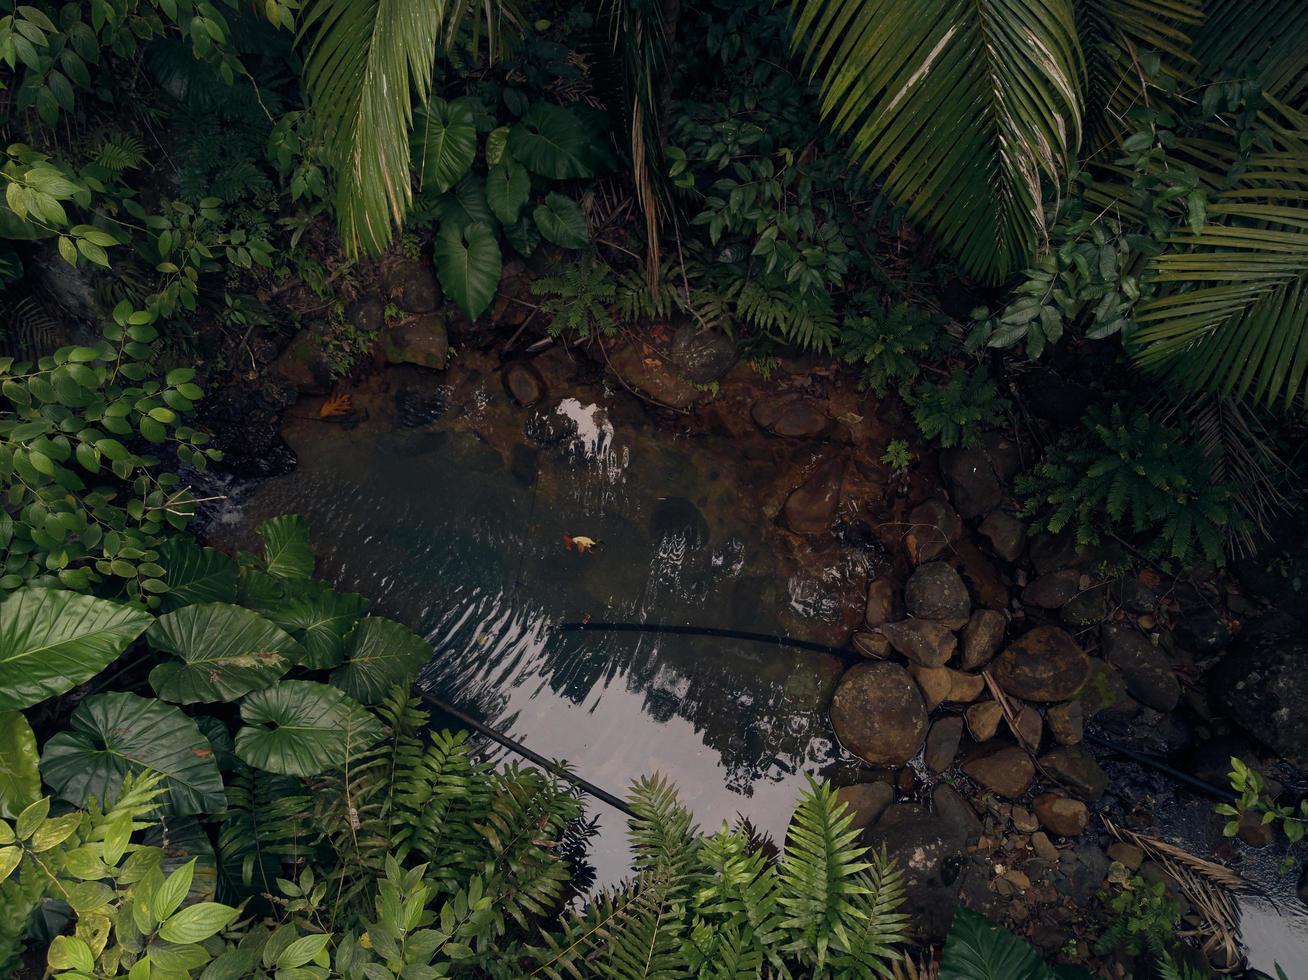 Wasserpfütze umgeben von Felsen und Blättern foto